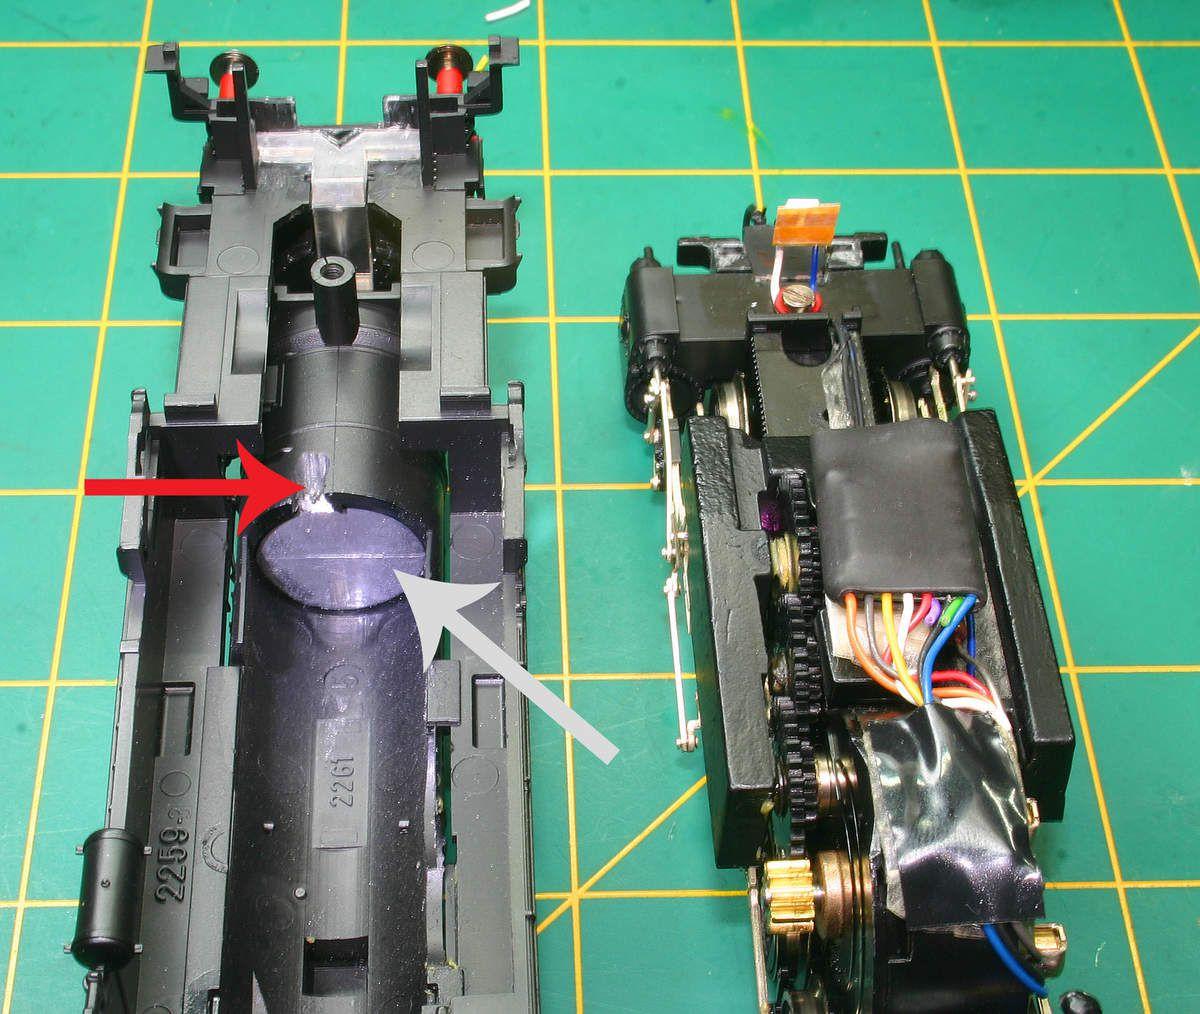 Retirer le lest afin de pouvoir loger le décodeur dans la chaudière pour la 050TA22 .Pour la 050TB7 le lest étant collé je fait une encoche pour le passage des fils d'alimentation (bleu et blanc) de la led avant et je positionne le décodeur sur le gros lest du bloc moteur.